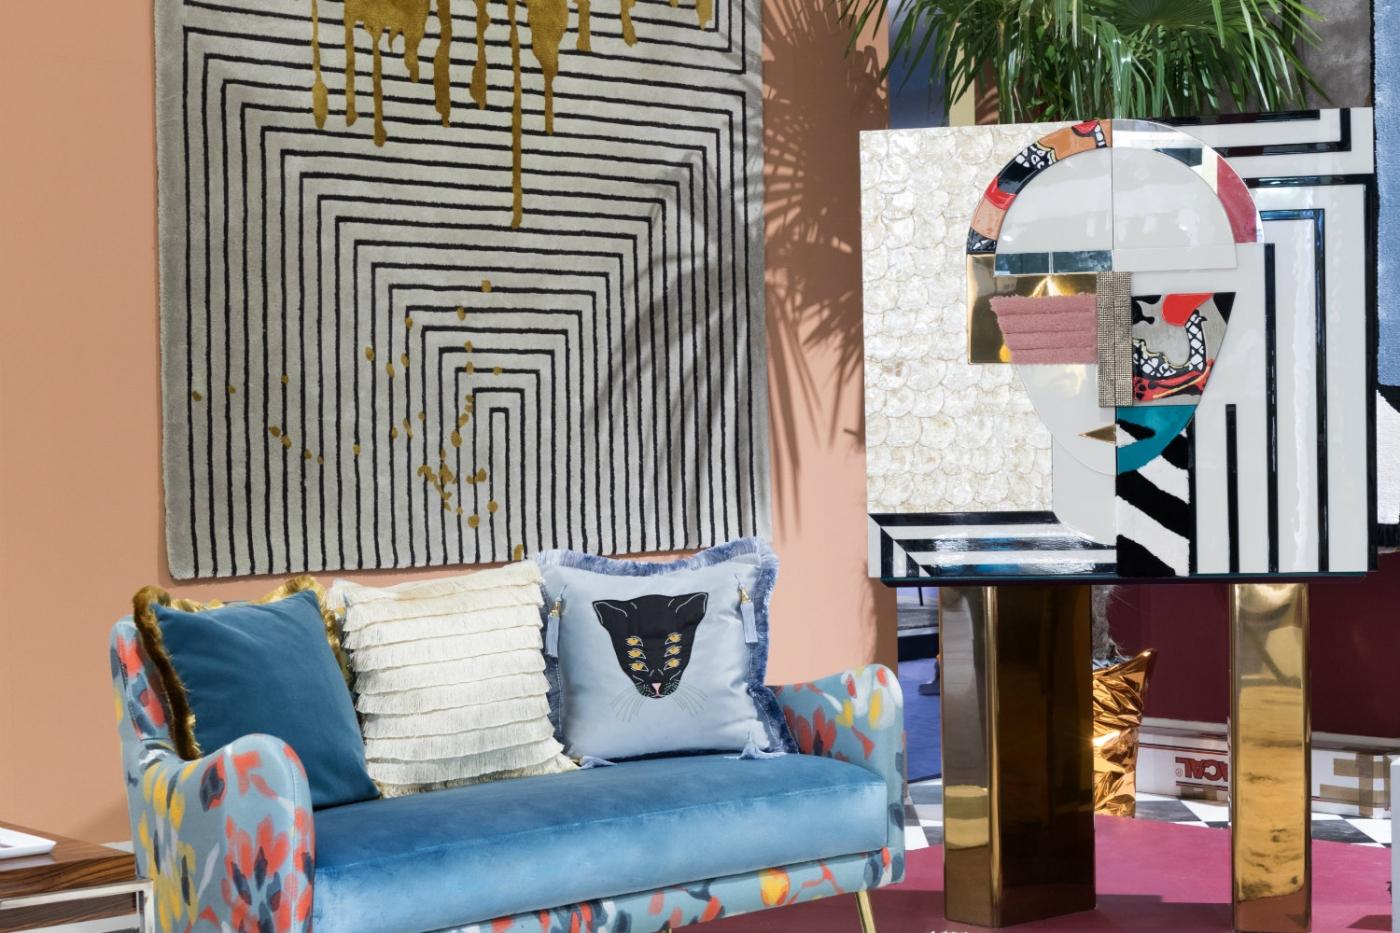 maison et objet Maison et Objet Newest Trends for 2019 featured 1400x933